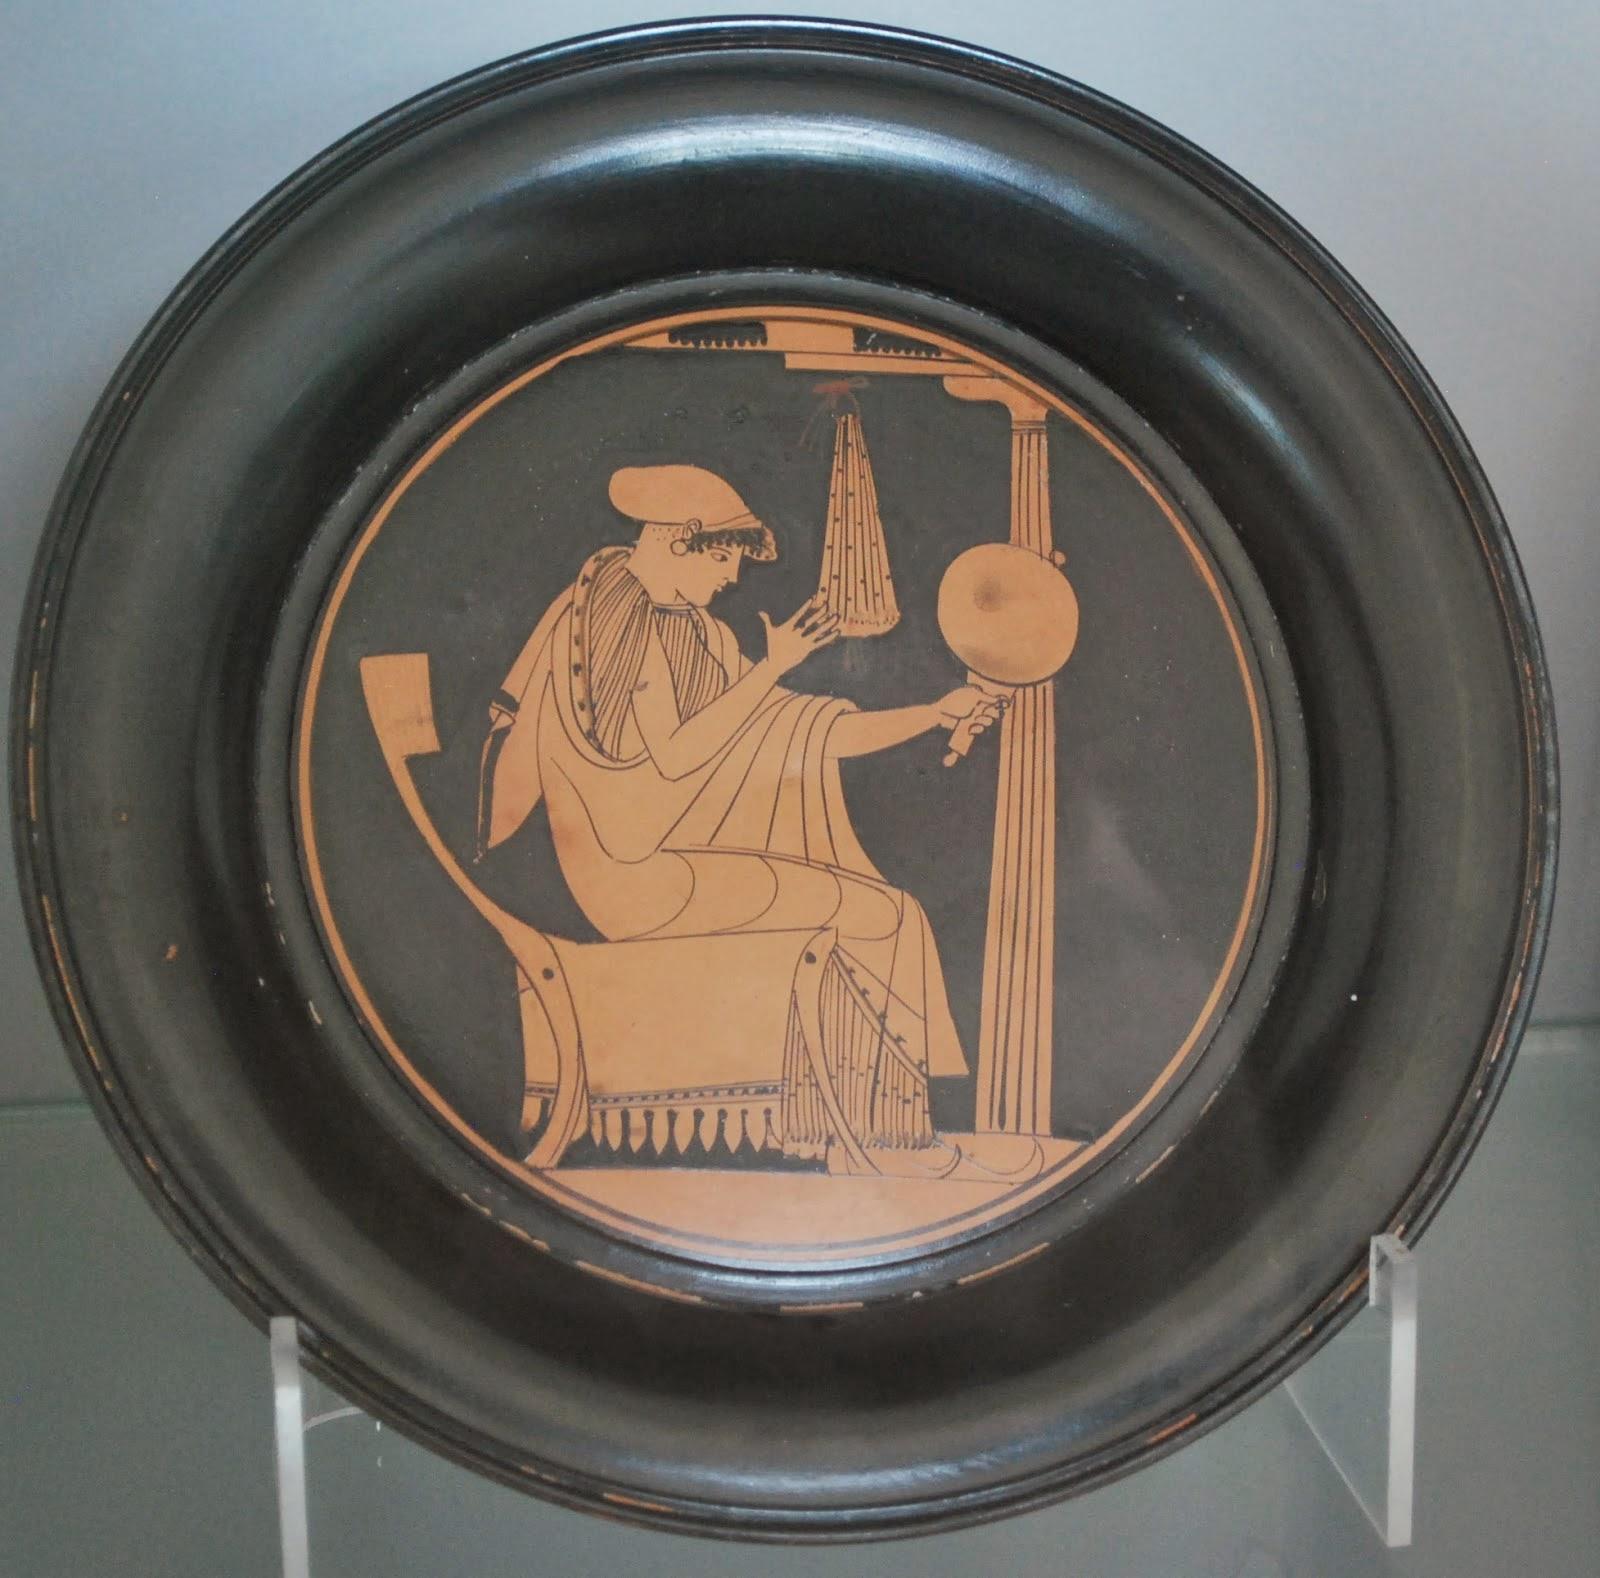 Plato ático con escena femenina. Cuma, 490-480 a. C. Cerámica figurada. Museo Archeologico Nazionale di Napoli